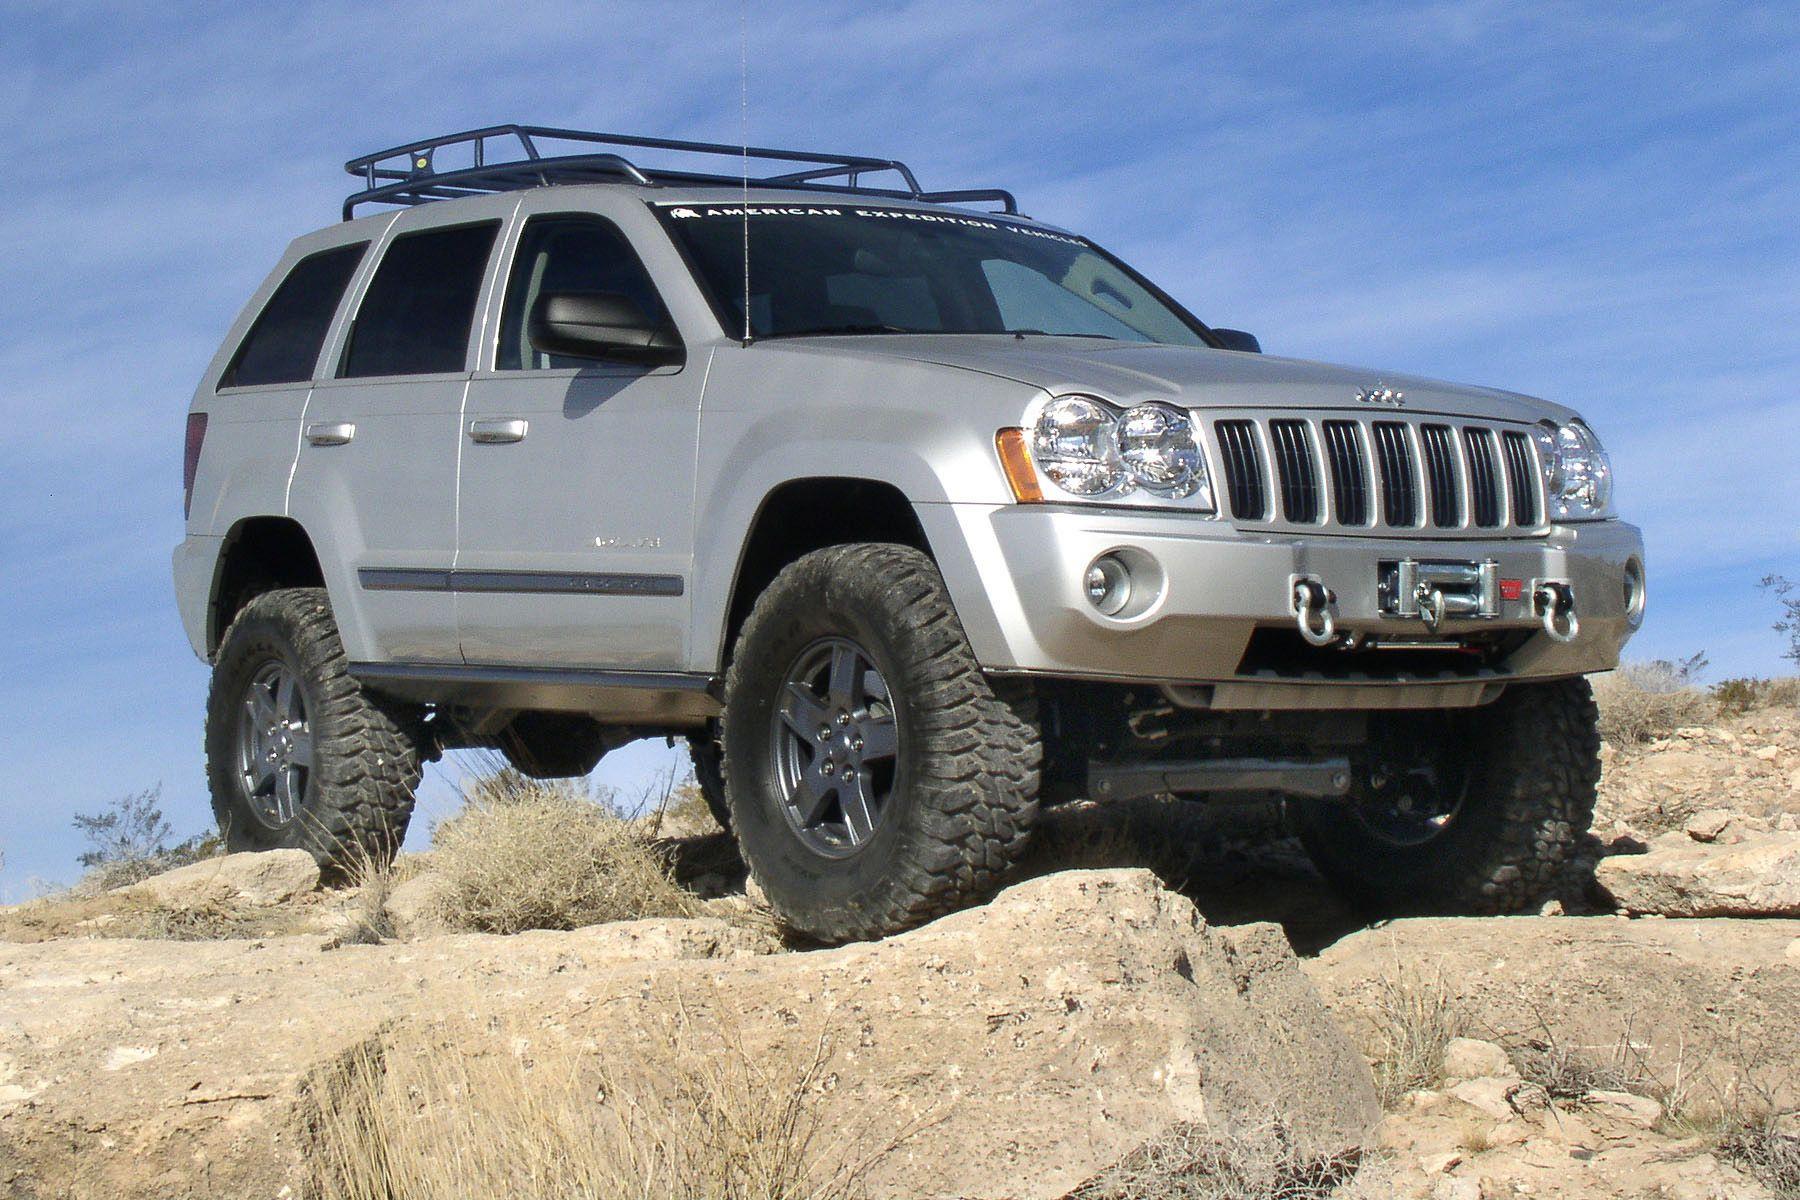 2006 Jeep Grand Cherokee Lifted Jeep Grand Cherokee Jeep Wk 2007 Jeep Grand Cherokee